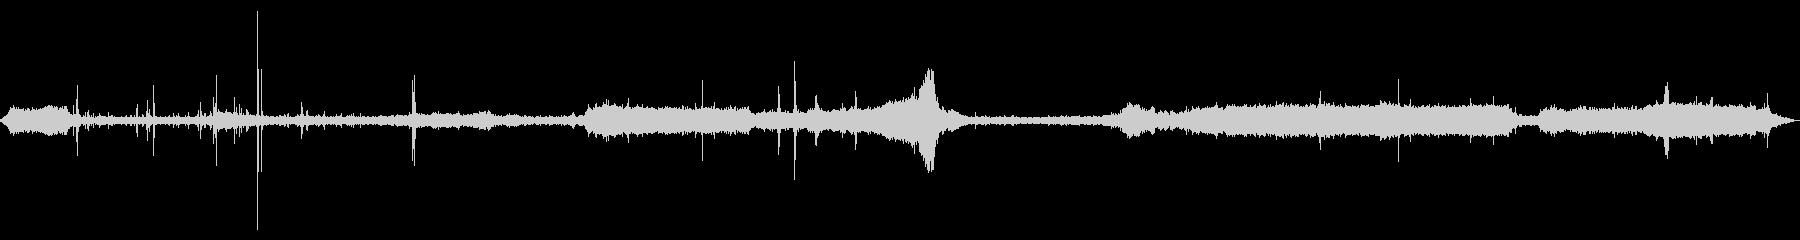 [生録音]電柱設置工事02の未再生の波形